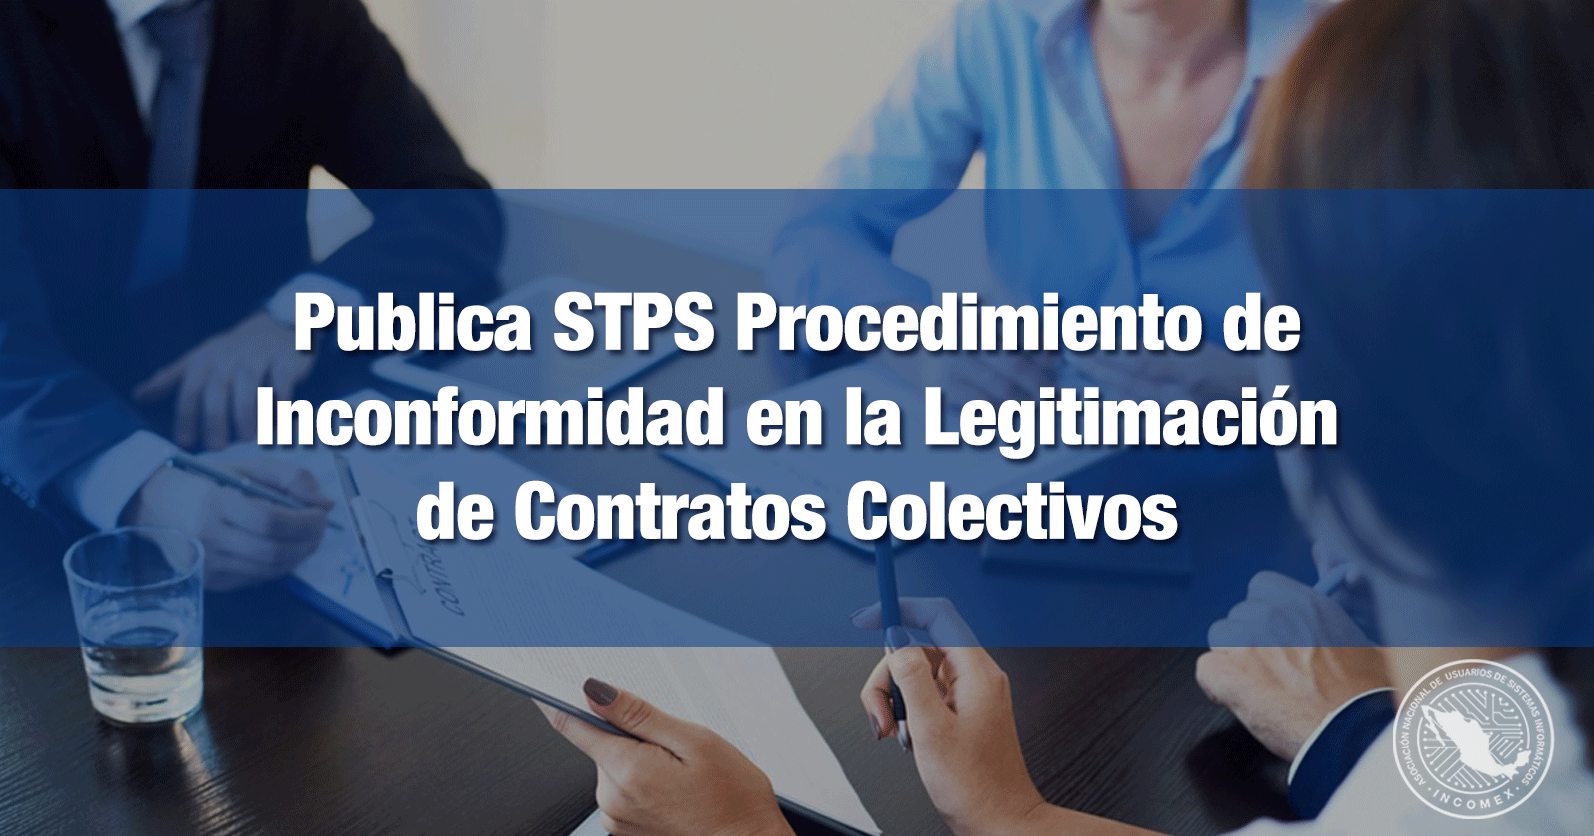 Publica STPS Procedimiento de Inconformidad en la Legitimación de Contratos Colectivos